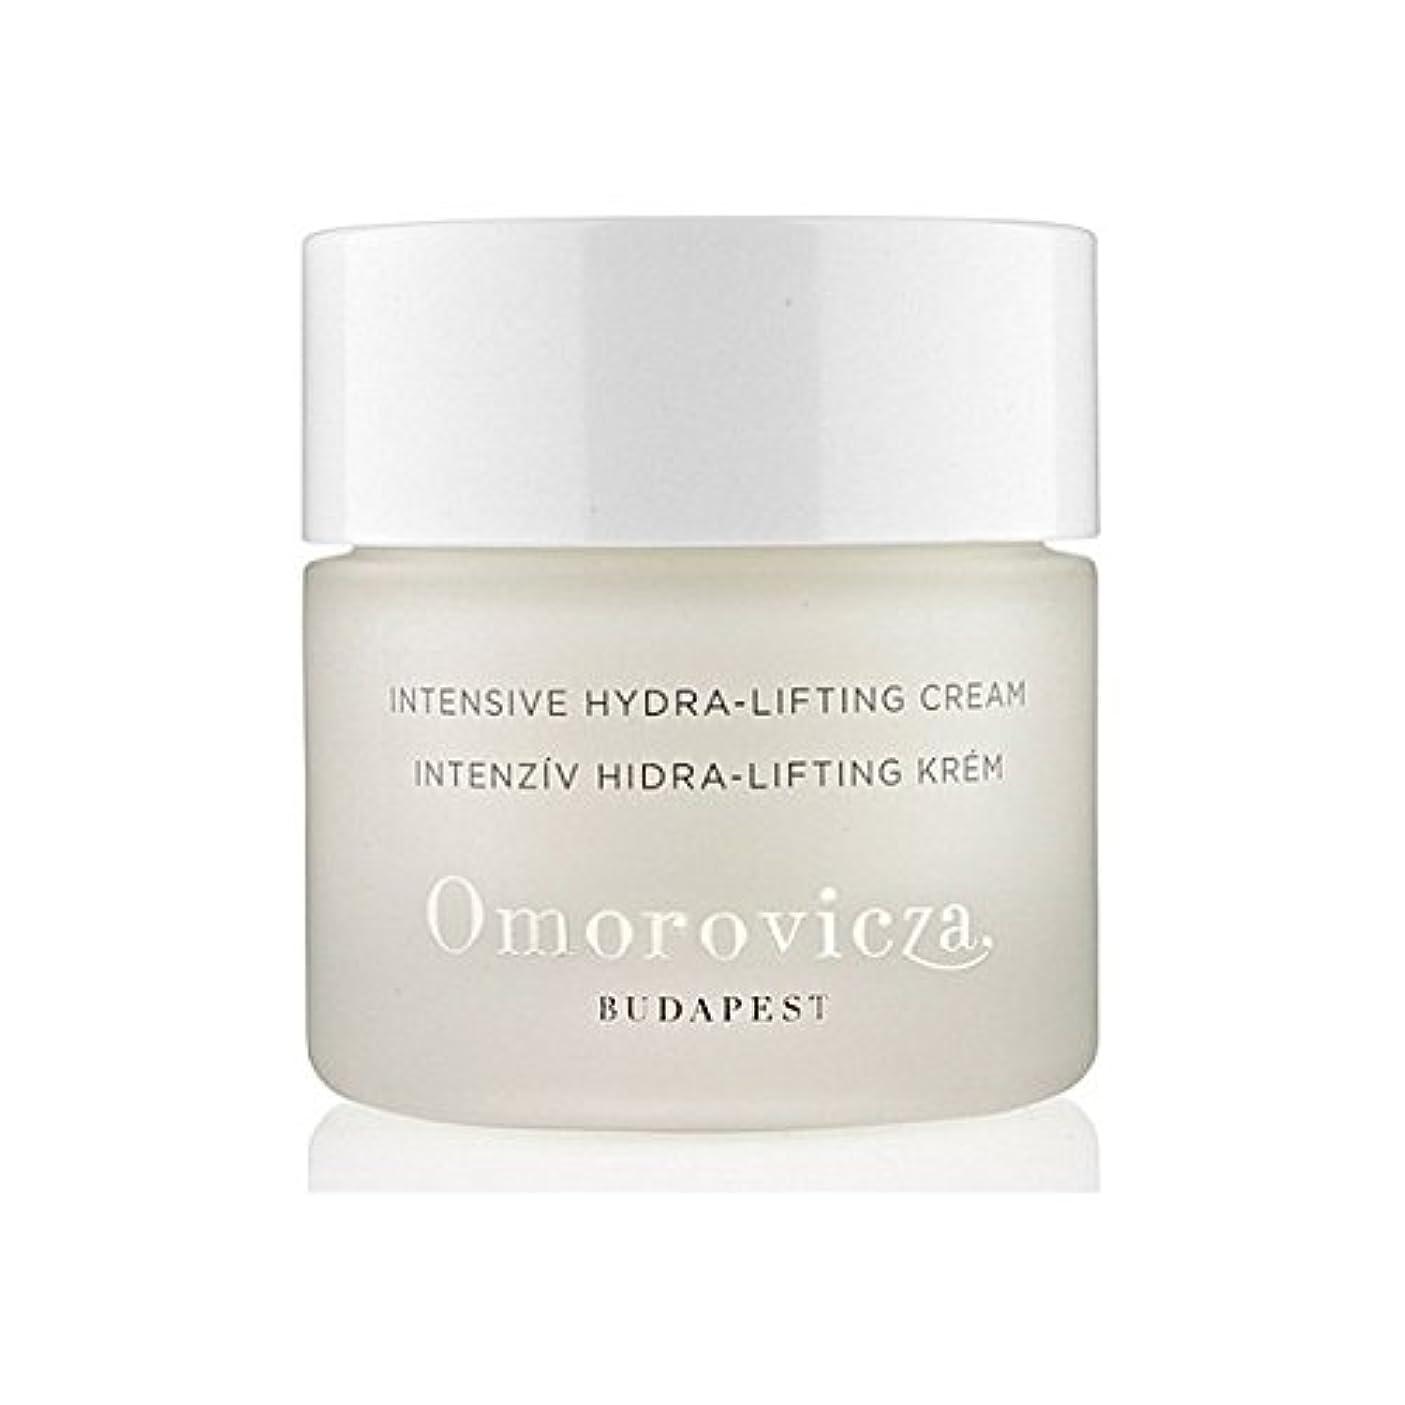 倉庫鼻宣言集中的なヒドラリフティングクリーム50 x2 - Omorovicza Intensive Hydra-Lifting Cream 50Ml (Pack of 2) [並行輸入品]